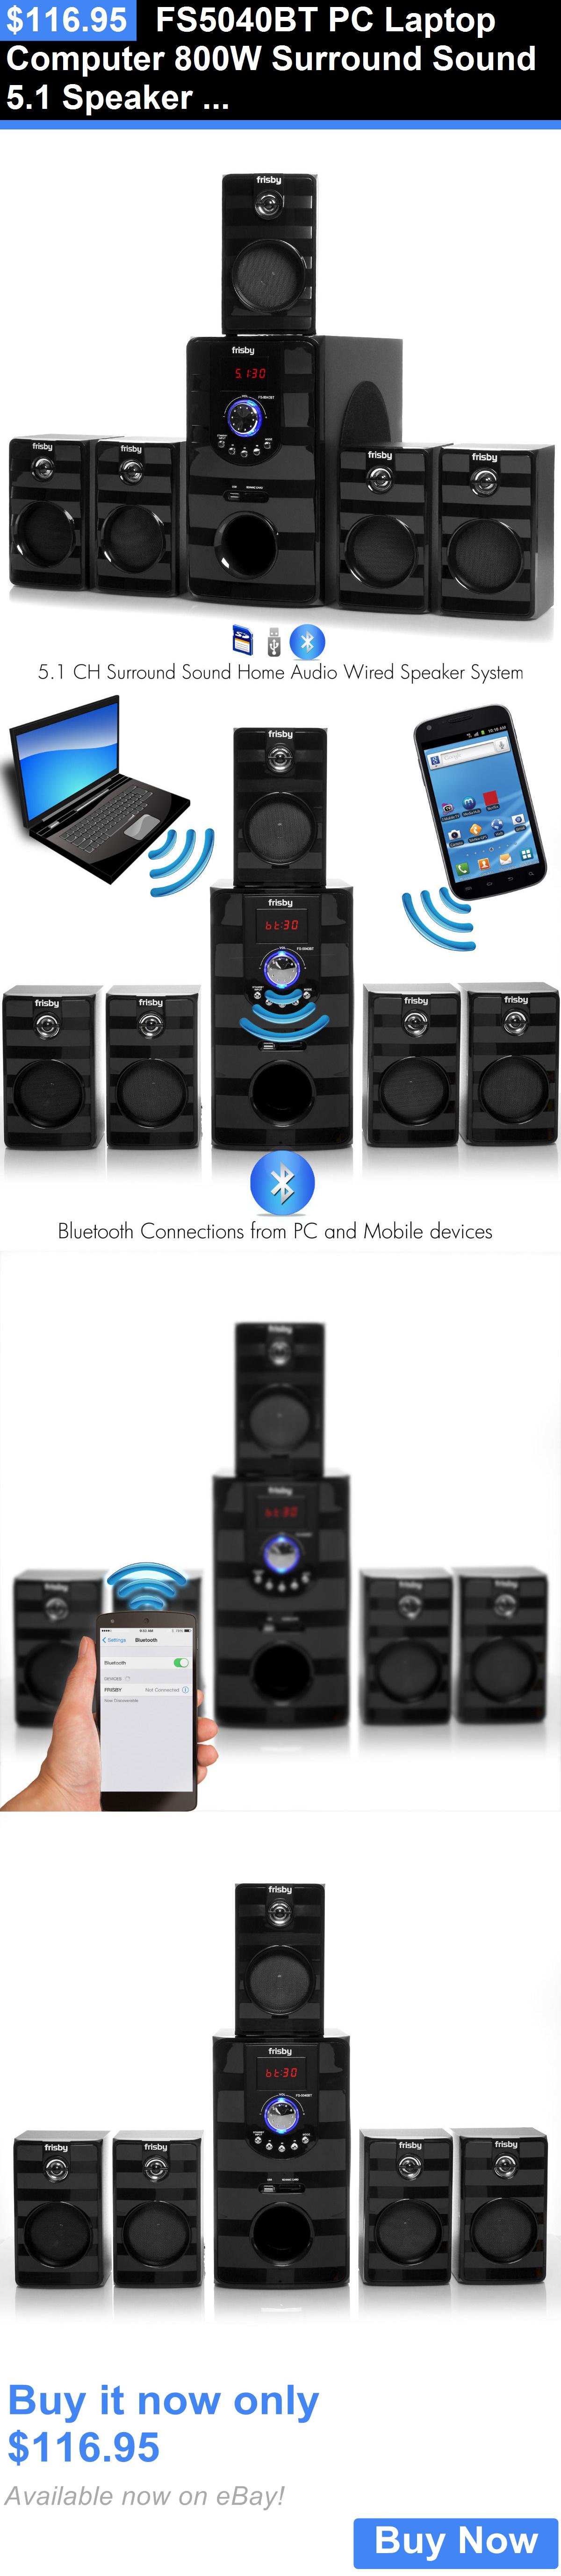 Home audio fs bt pc laptop computer  surround sound speaker system  bluetooth also rh pinterest